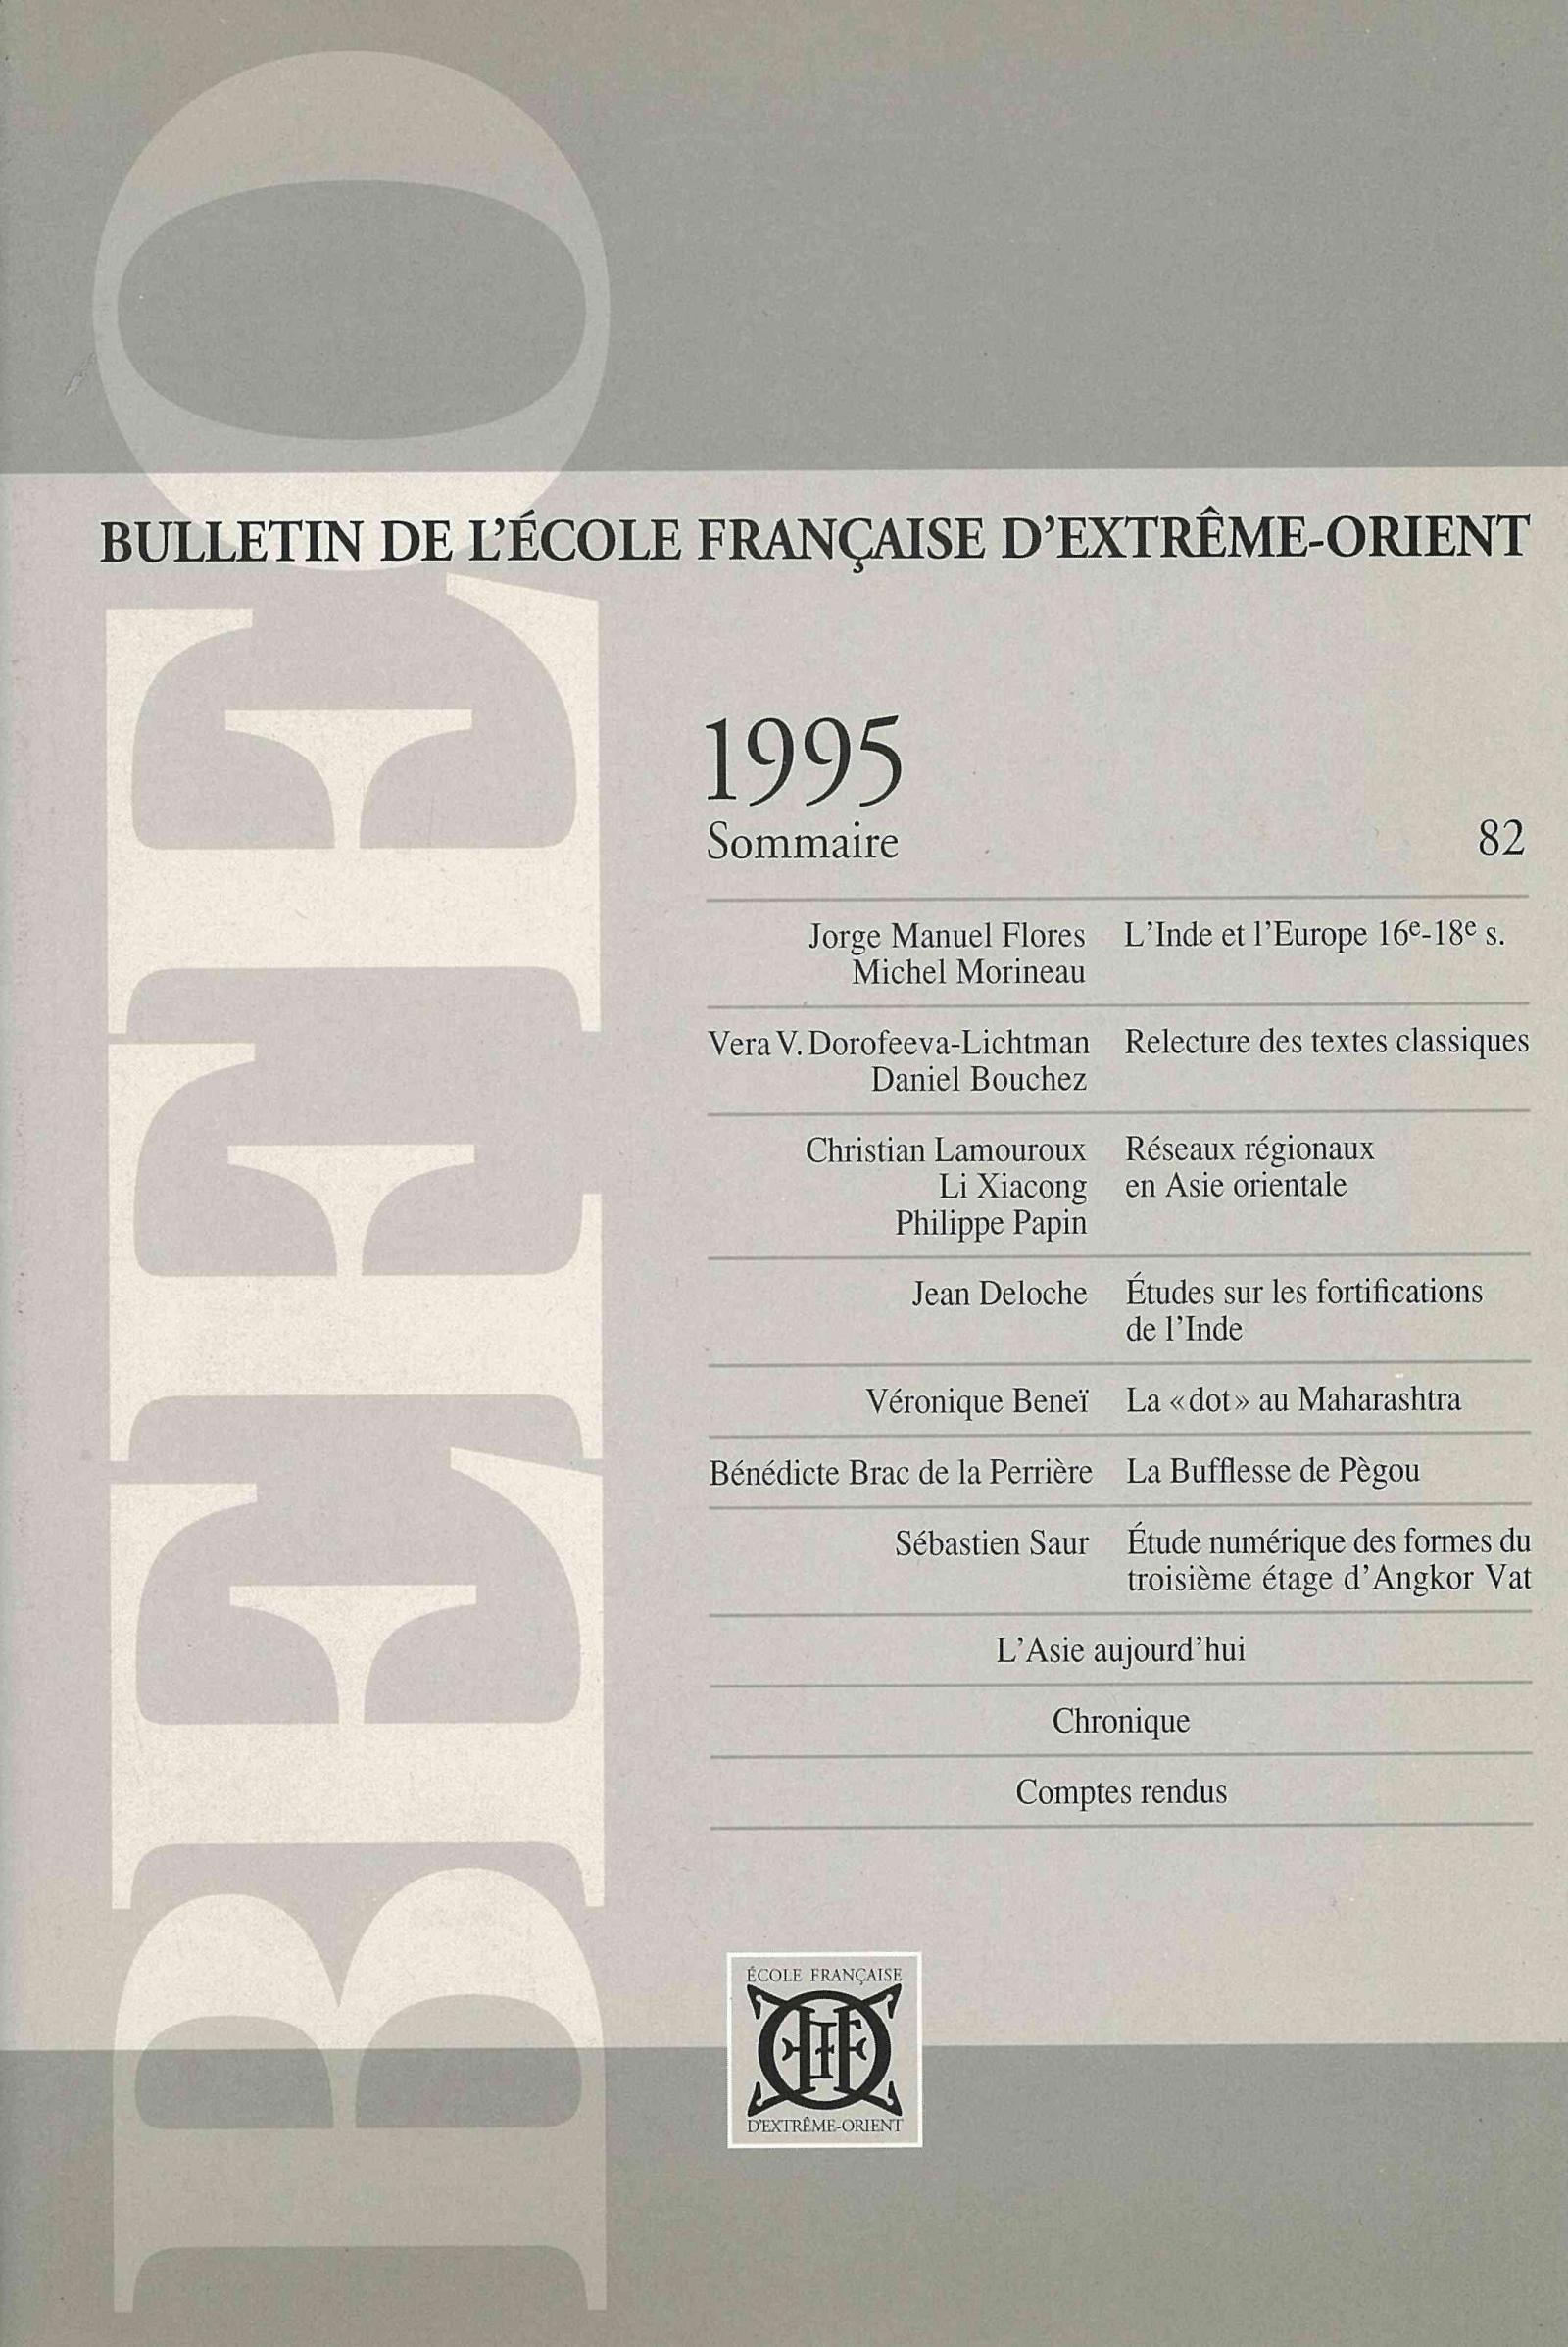 Bulletin de l'Ecole française d'Extrême-Orient 82 (1995)